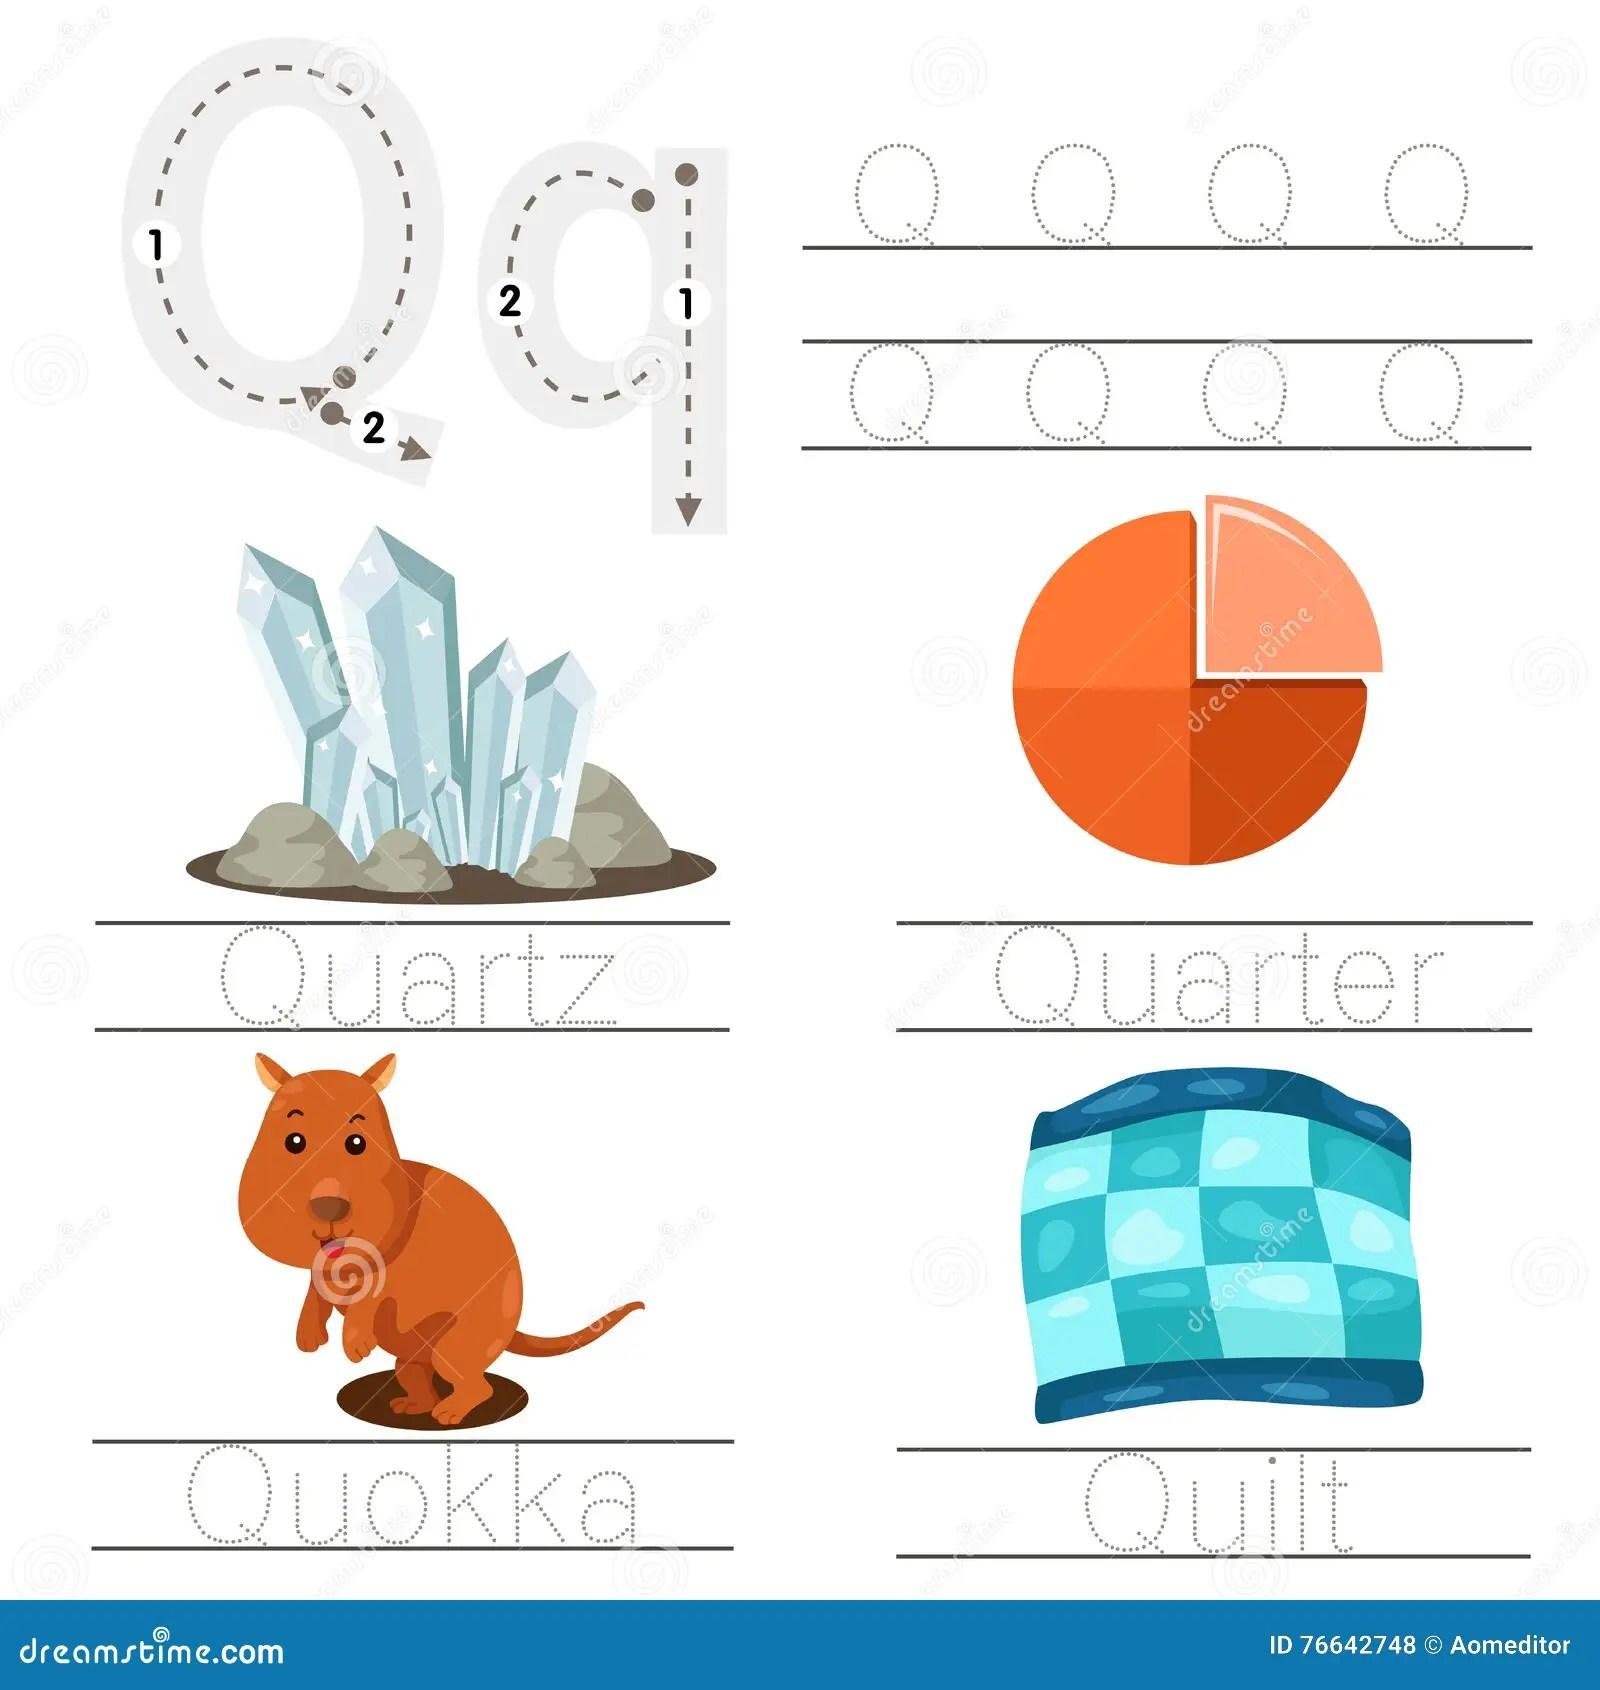 Illustrator Of Worksheet For Children Q Font Stock Vector